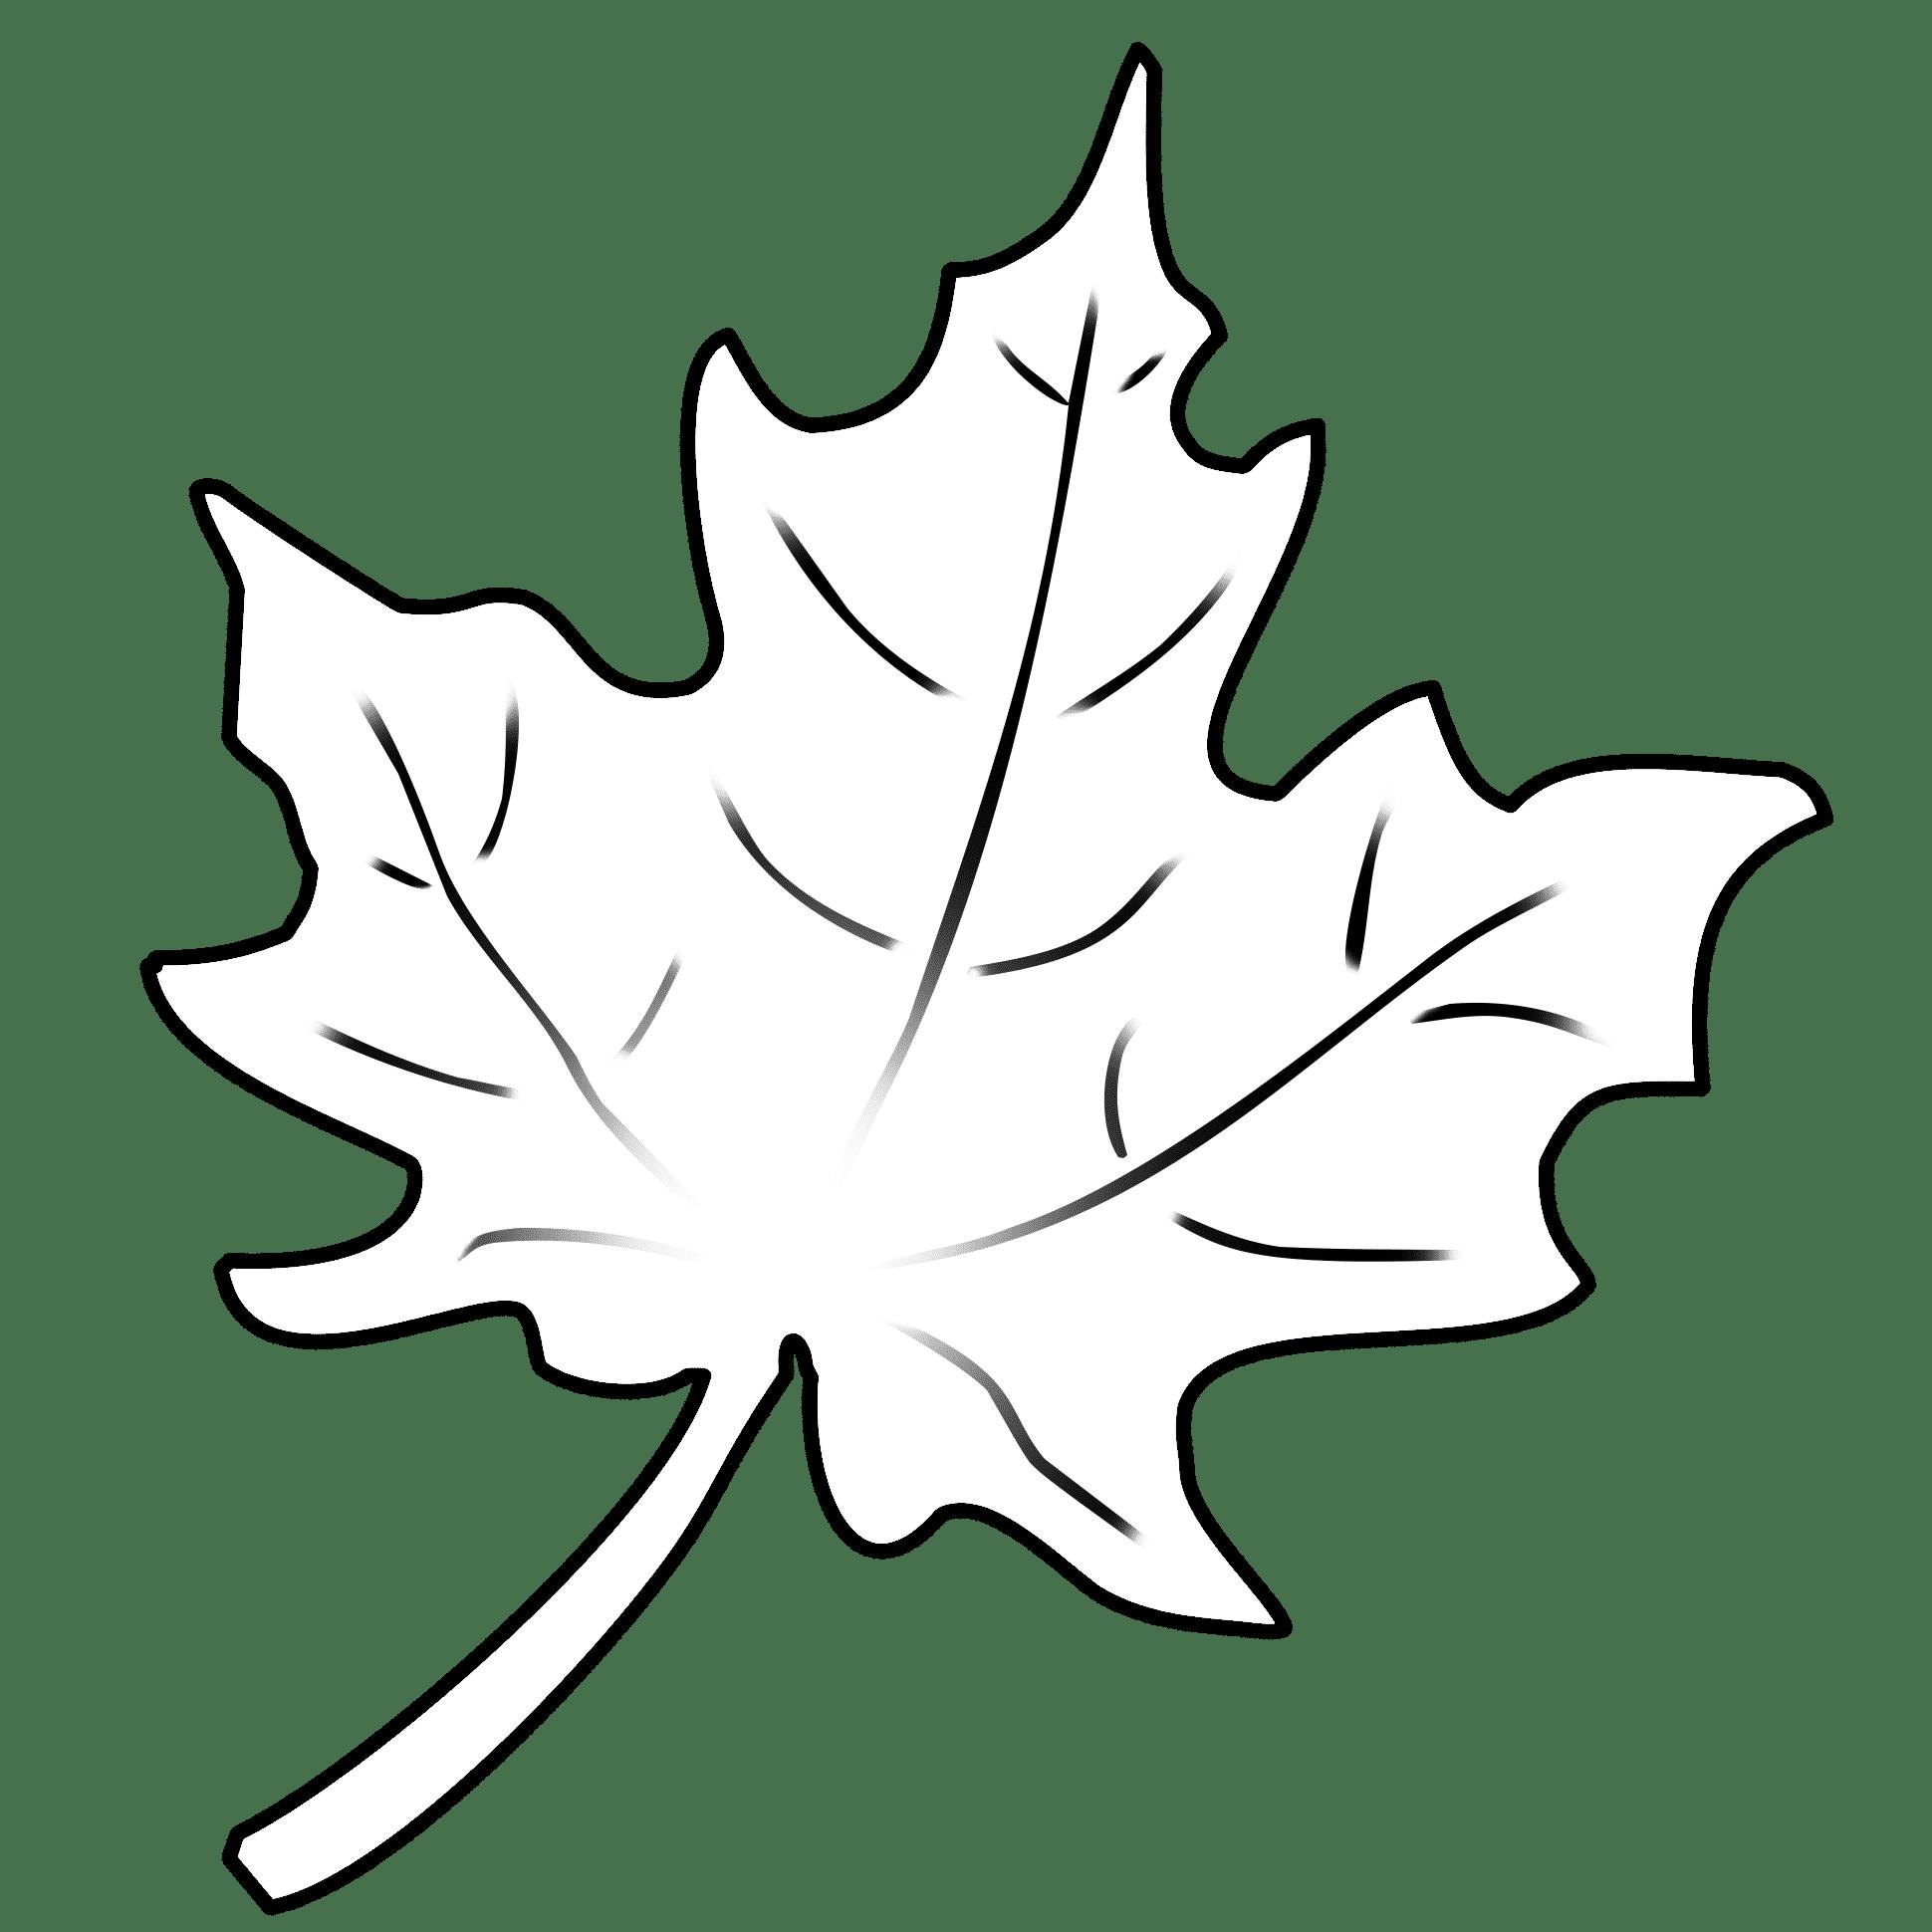 Herbstblatter Vorlagen Dekoking Diy Bastelideen Dekoideen Zeichnen Lernen Herbstblatter Vorlagen Blattzeichnung Herbst Blatter